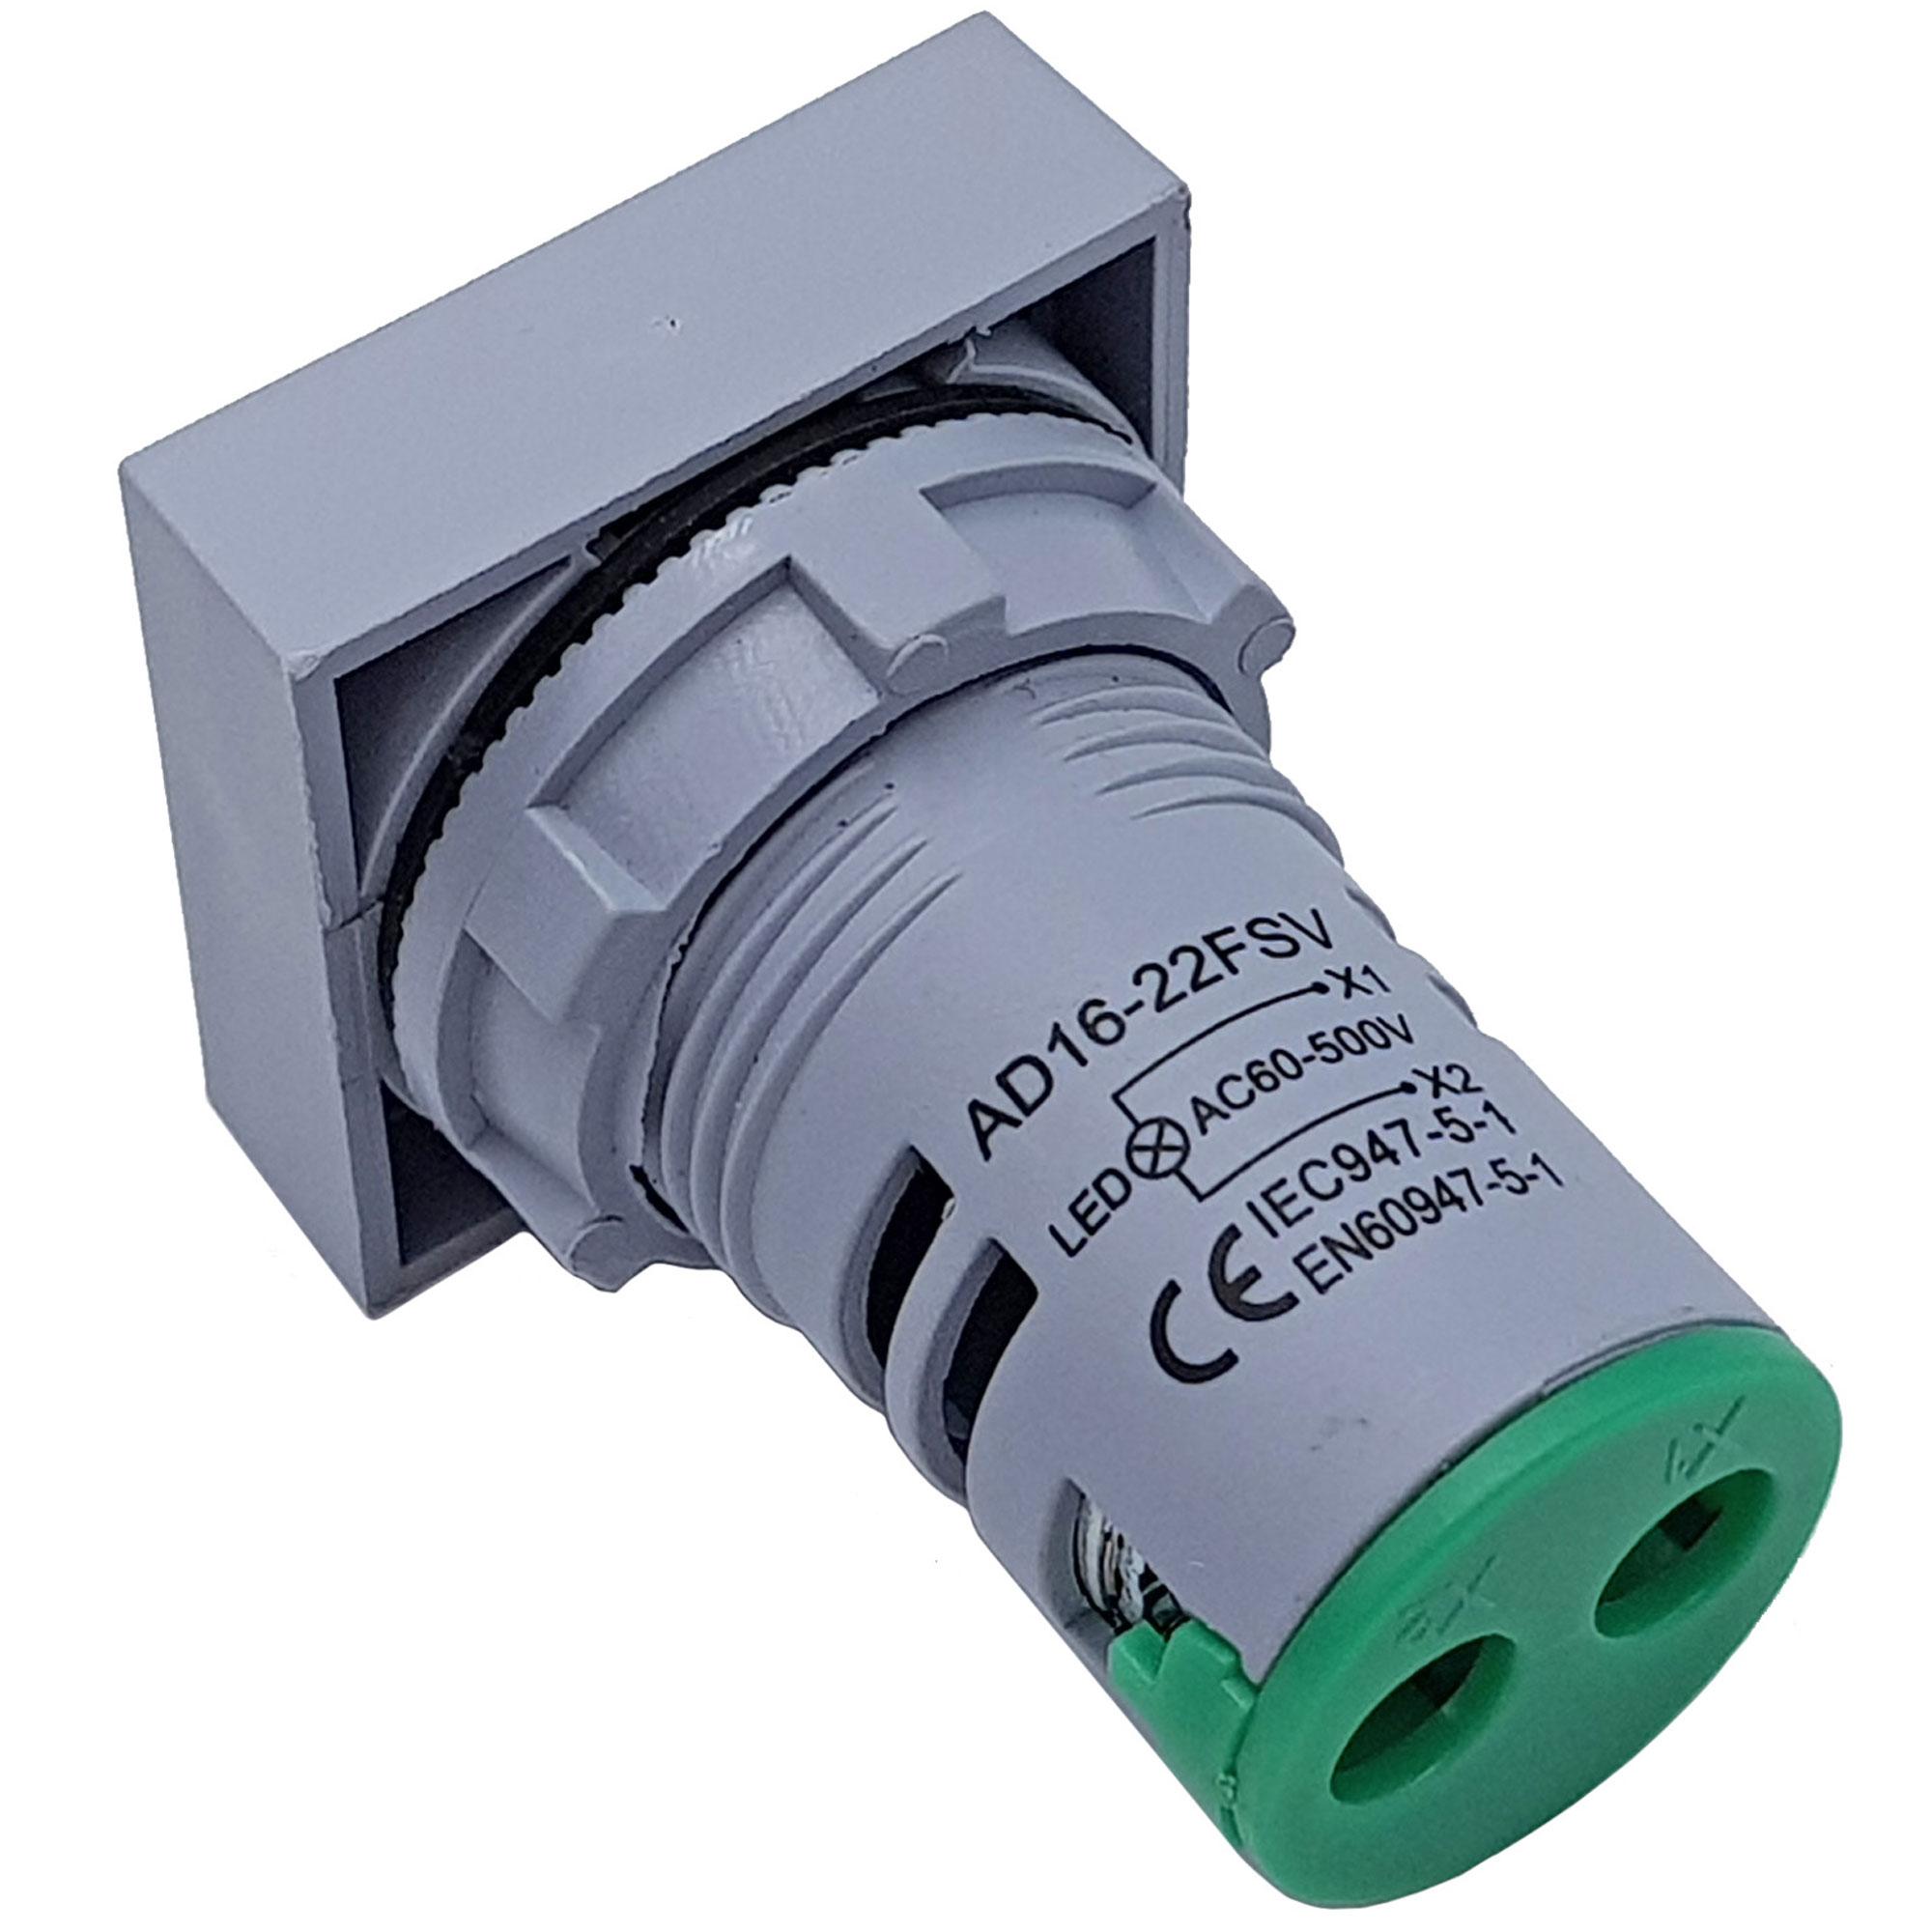 Đồng hồ đo điện áp AC 20-500V màu xanh lá